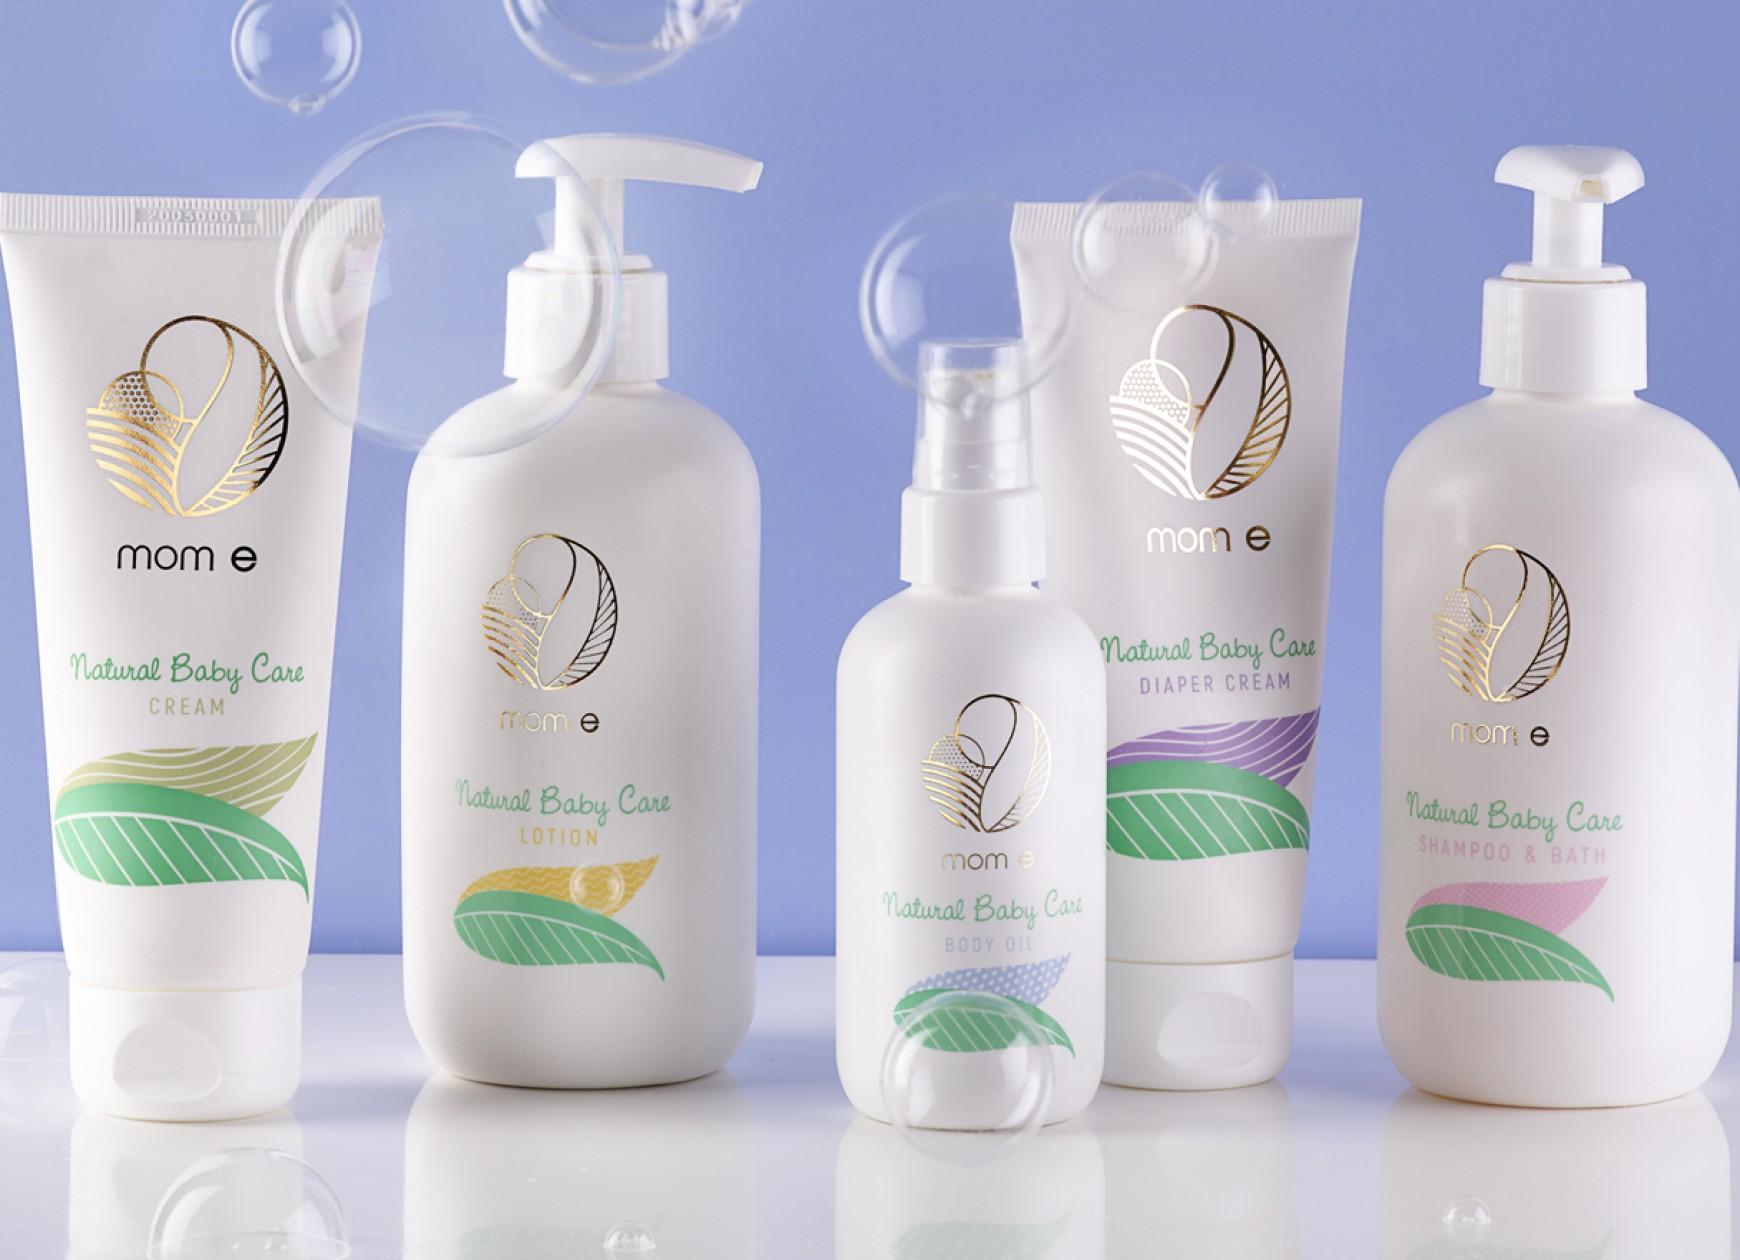 Quatre Mains package design - Package design bubbles, caring, quatre mains, branding